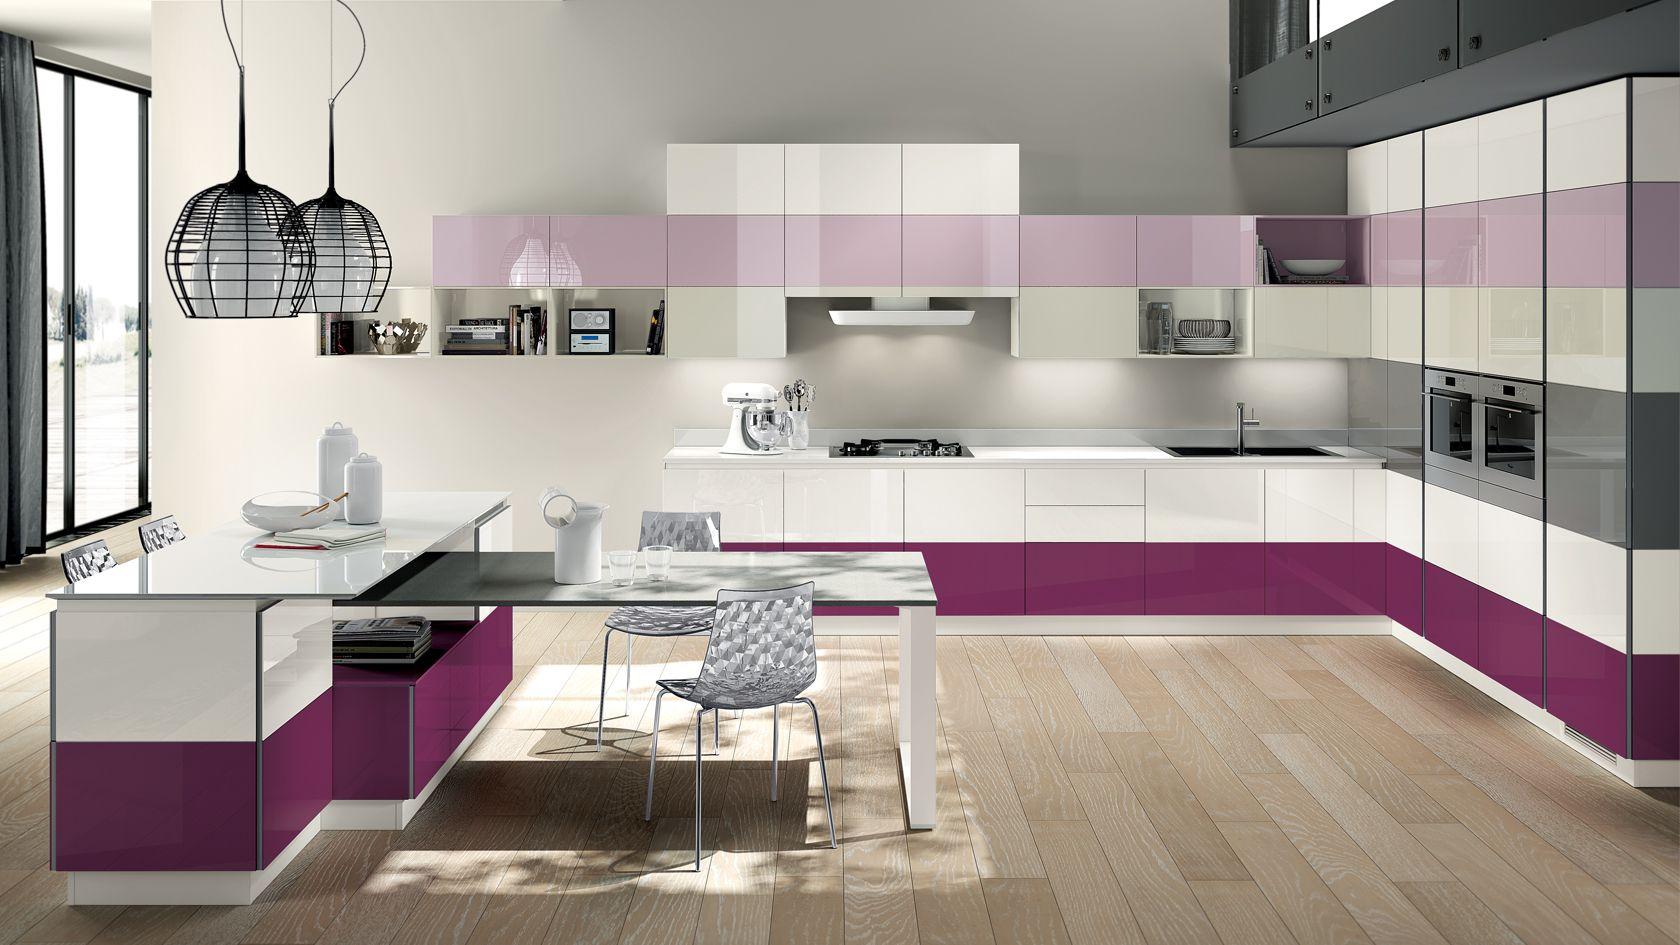 Cucina componibile Tetrix | Sito ufficiale Scavolini | Kitchen ...